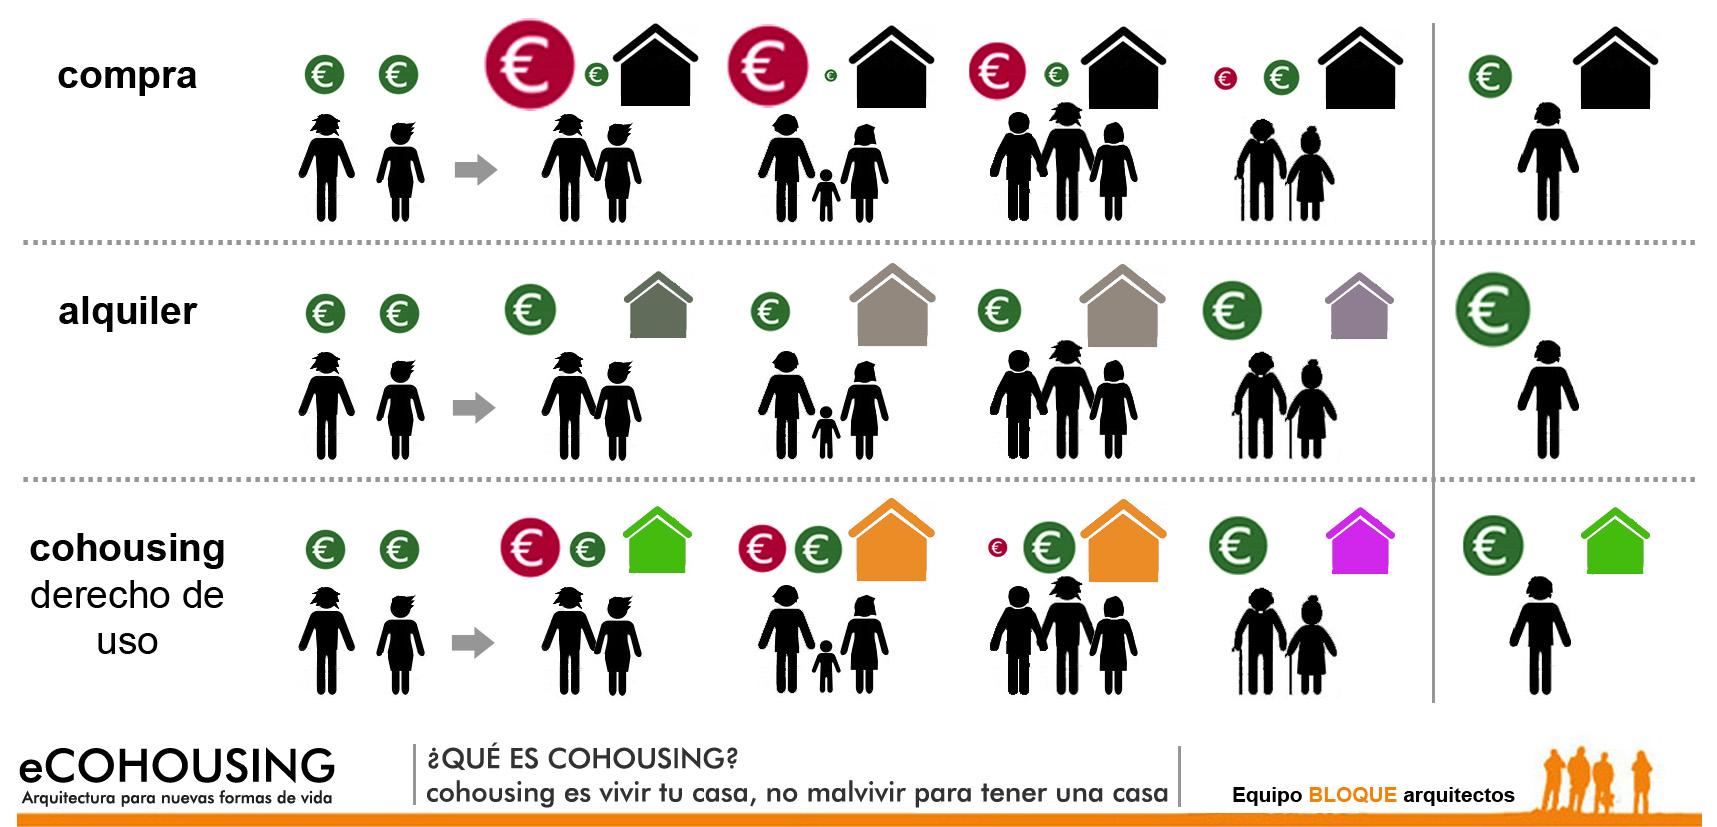 ecohousing-QUE ES COHOUSING-ECONOMIA Y CESION DE USO